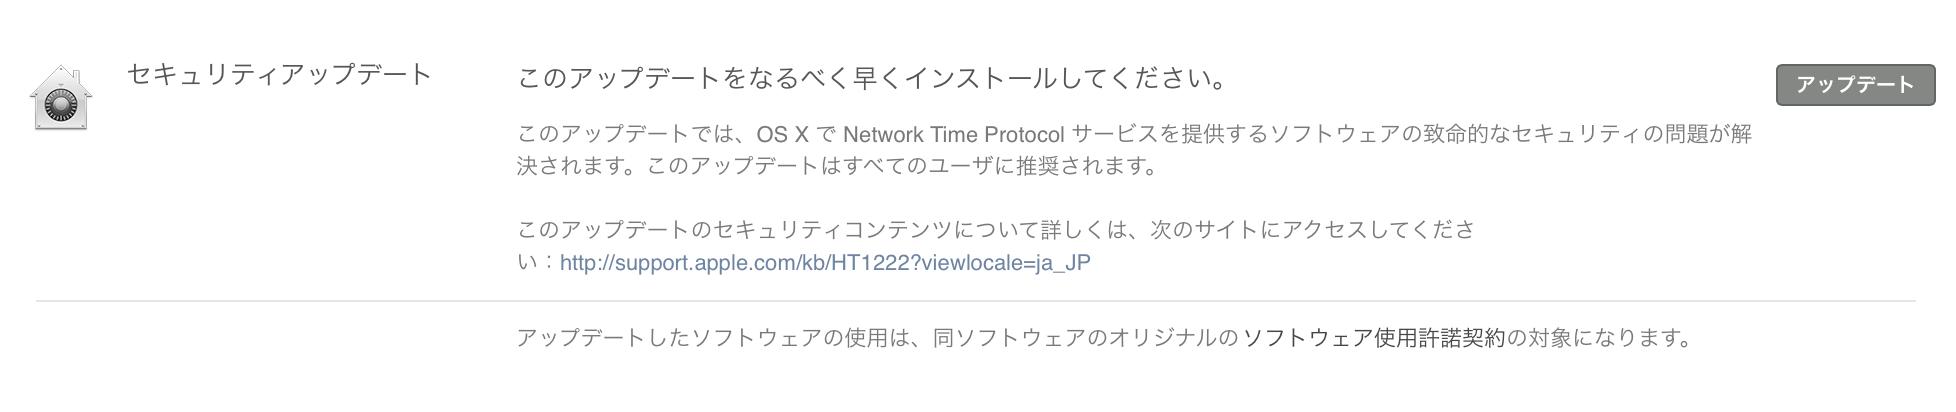 早めのインストール推奨!AppleがOS Xのセキュリティアップデートを緊急で配布!